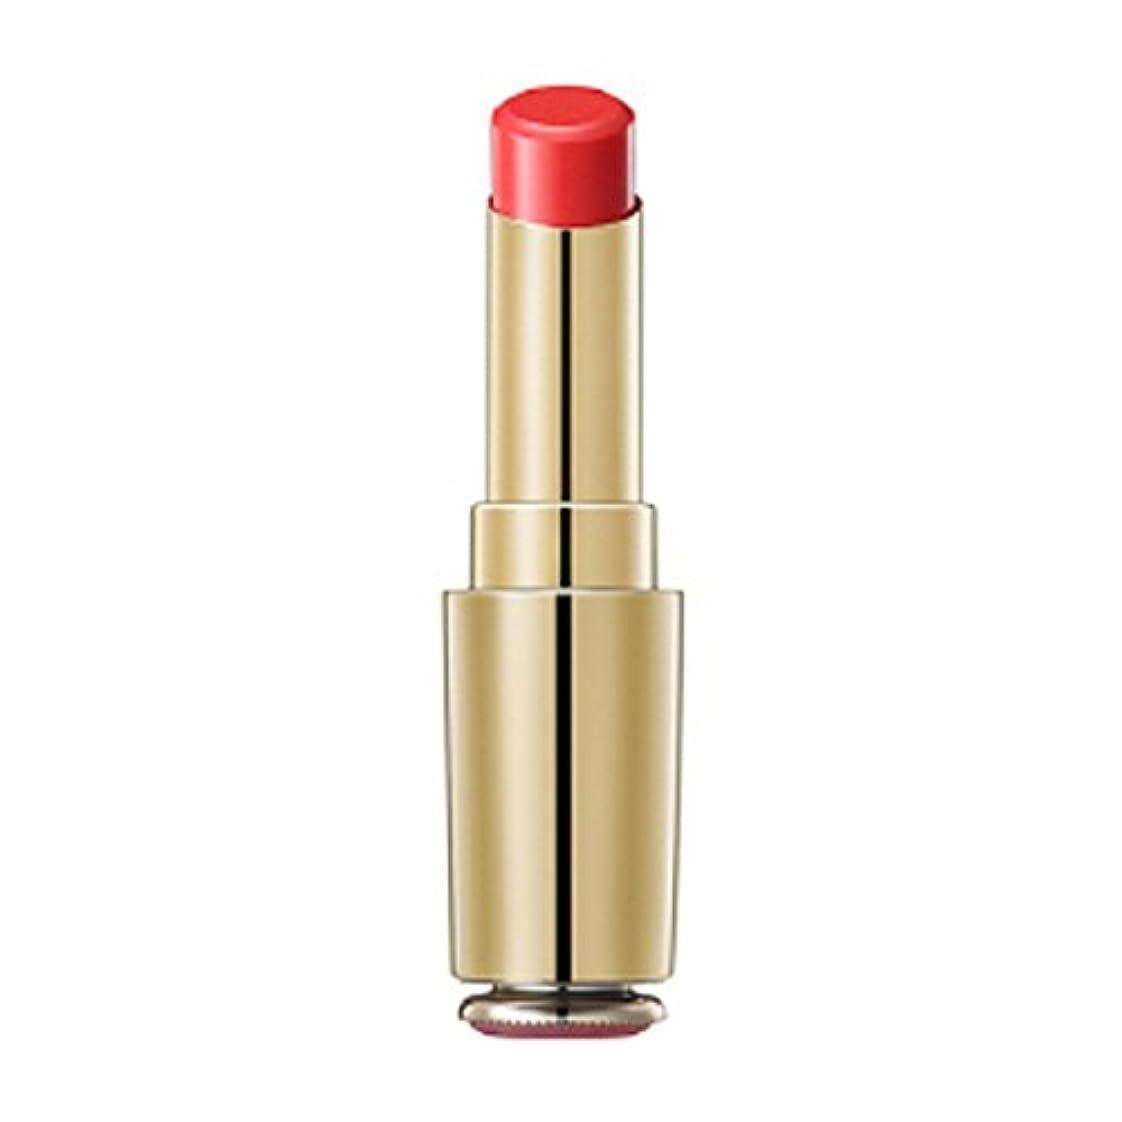 心のこもったペチュランスそれによってソルファス Essential Lip Serum Stick - # No. 3 Flower Pink 3g/0.1oz並行輸入品